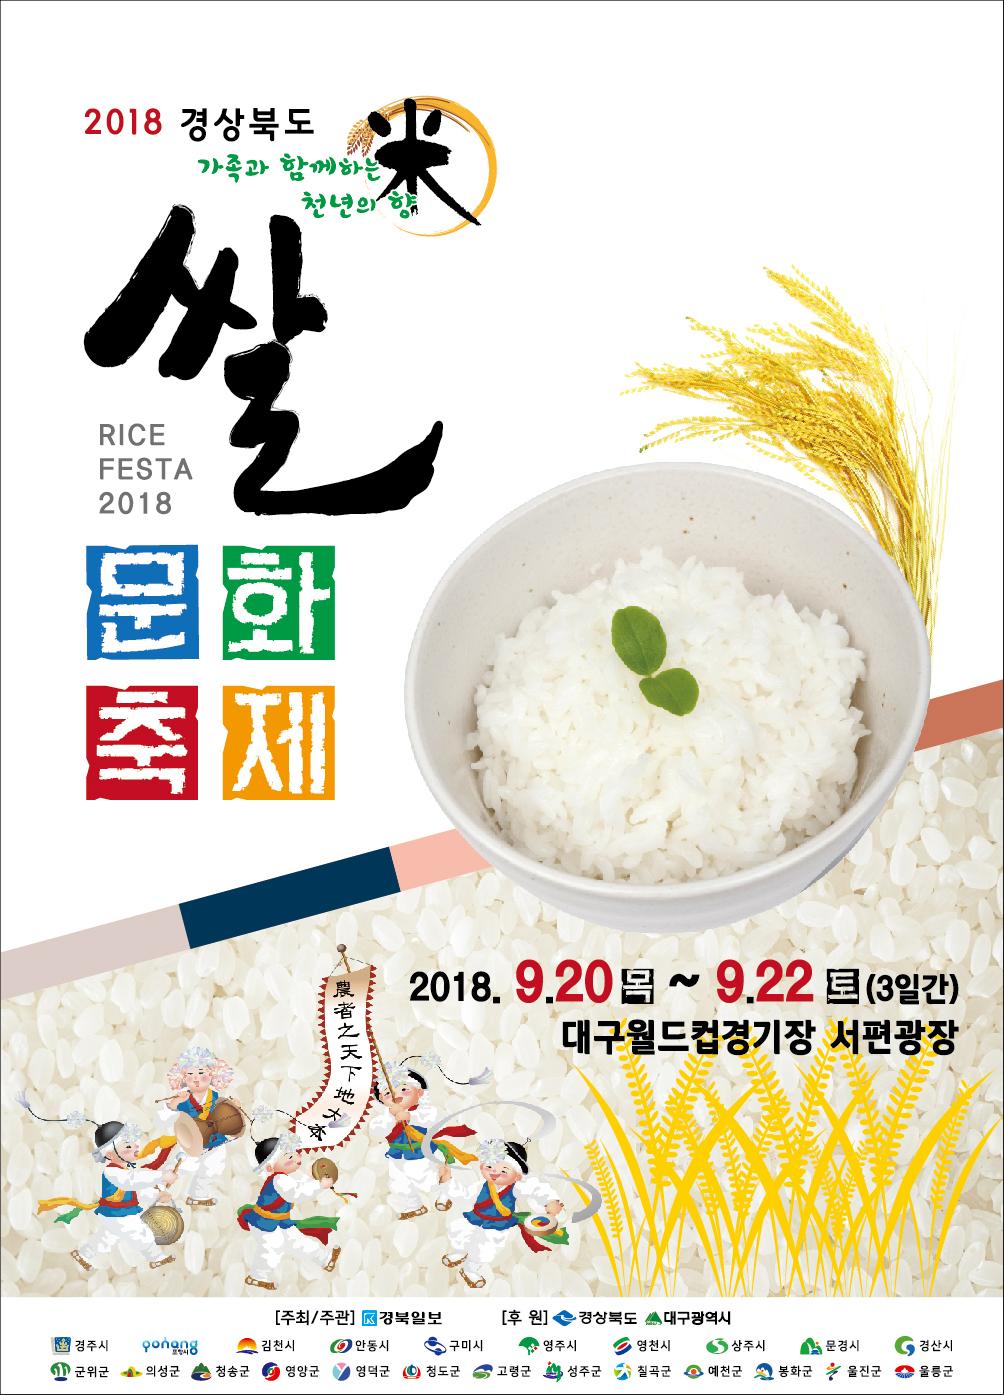 2018_경상북도 쌀문화축제_pop.jpg